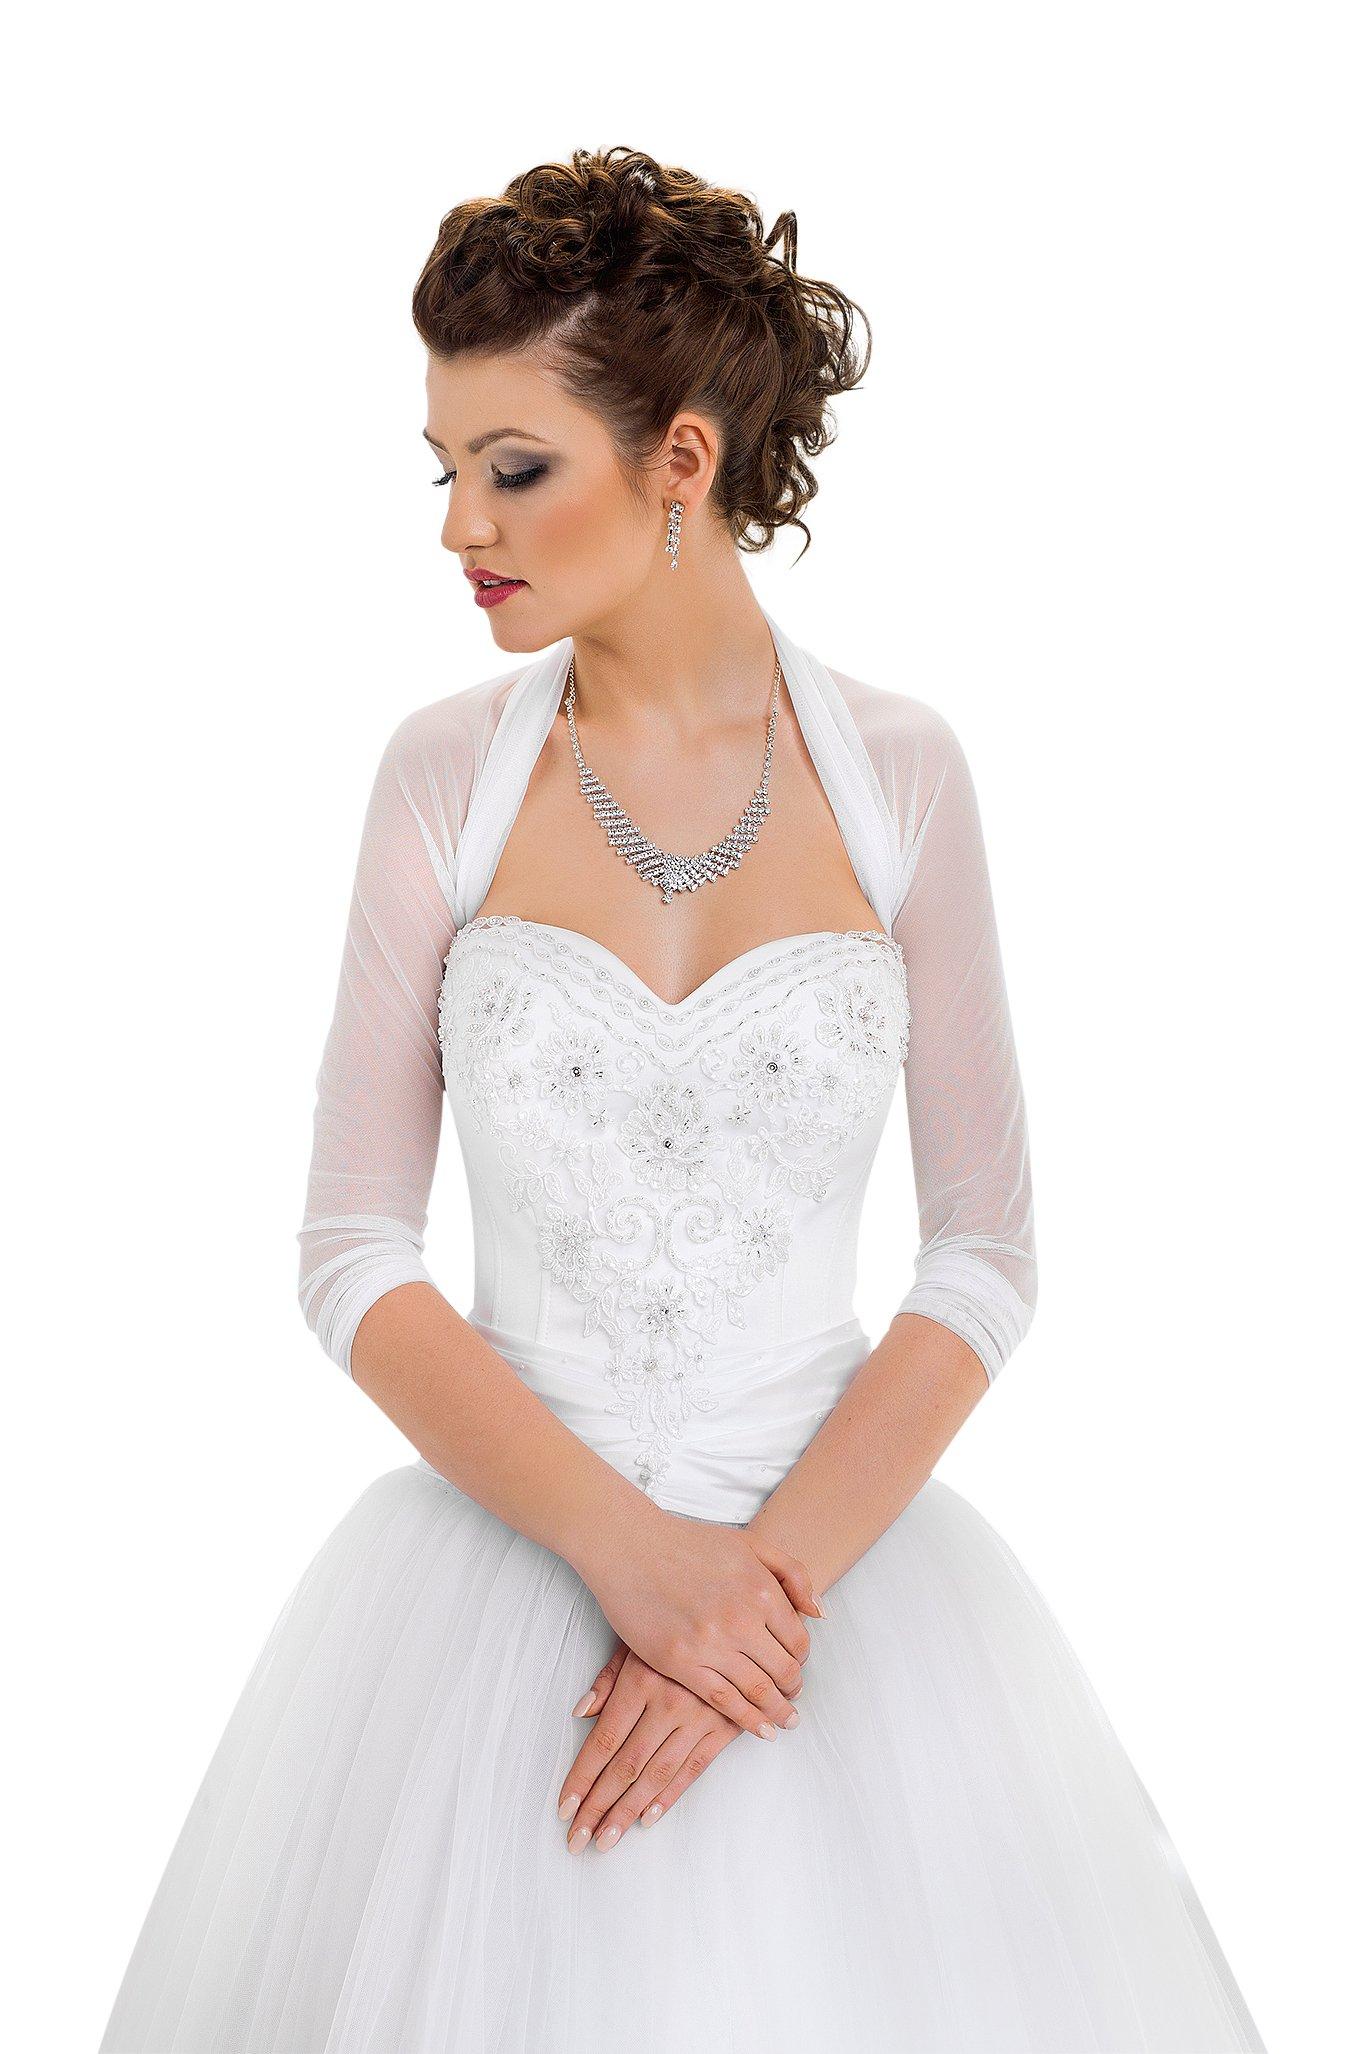 Petite veste blanche pour mariage